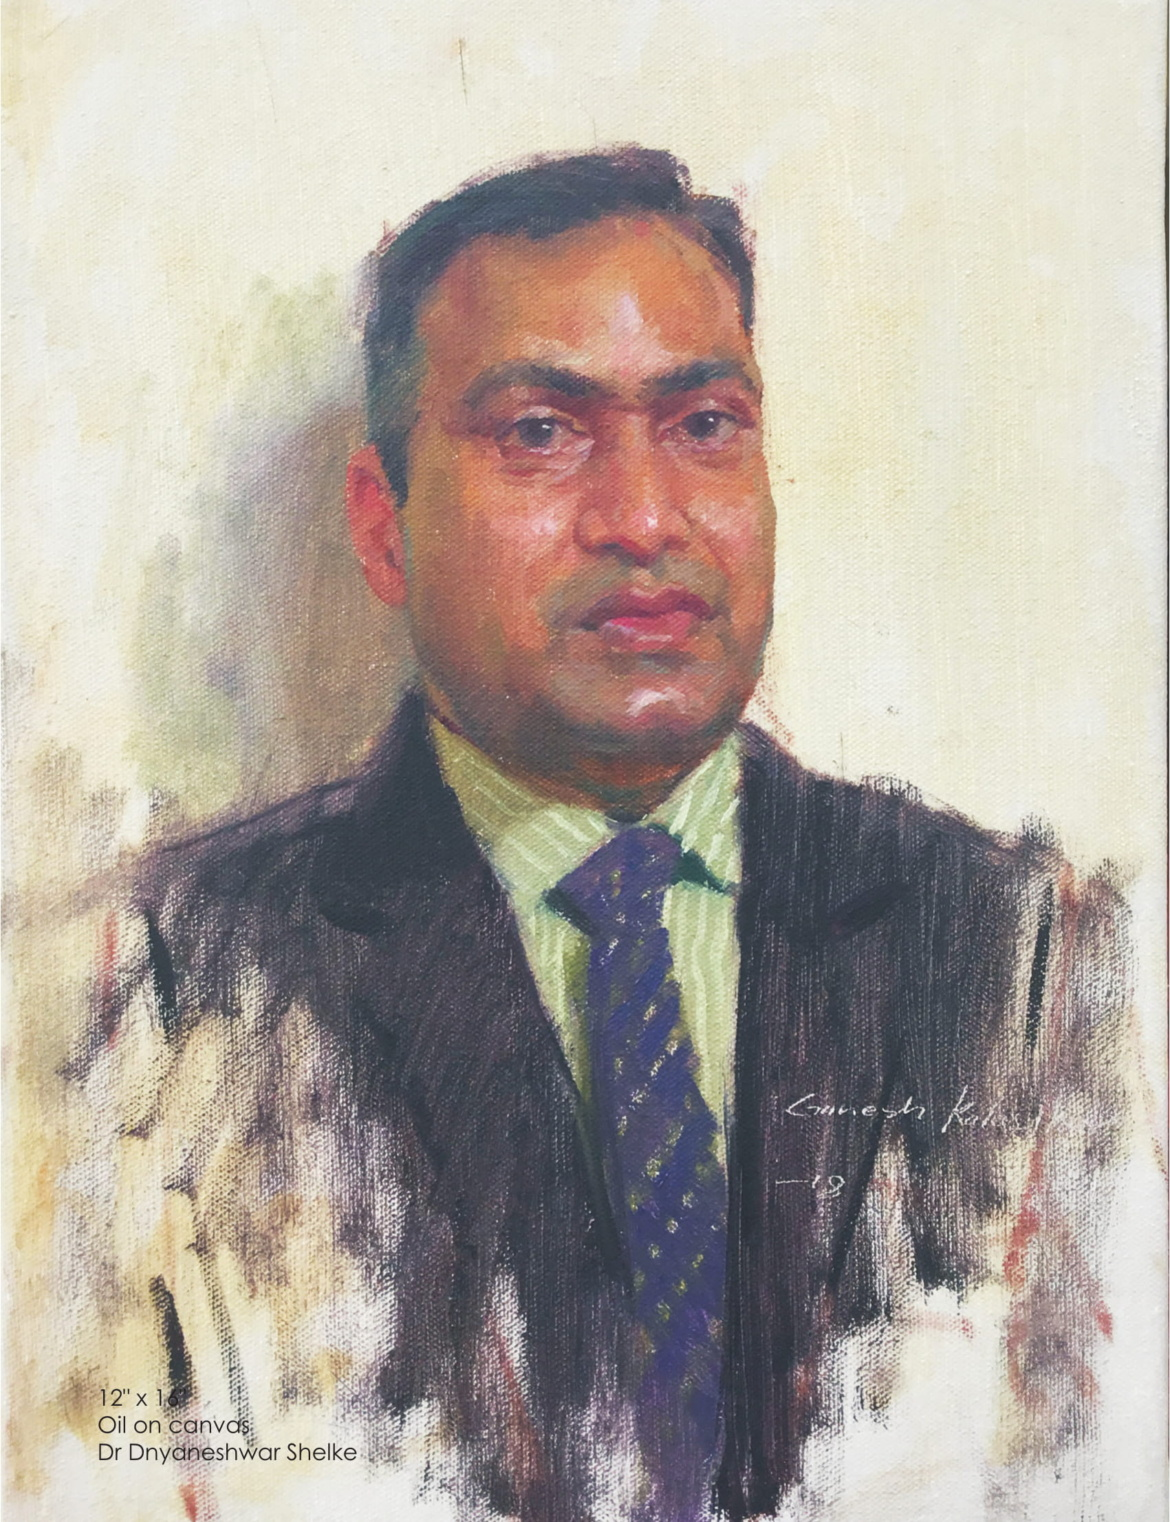 Dr-Dnydneshwar-Shelke.jpg